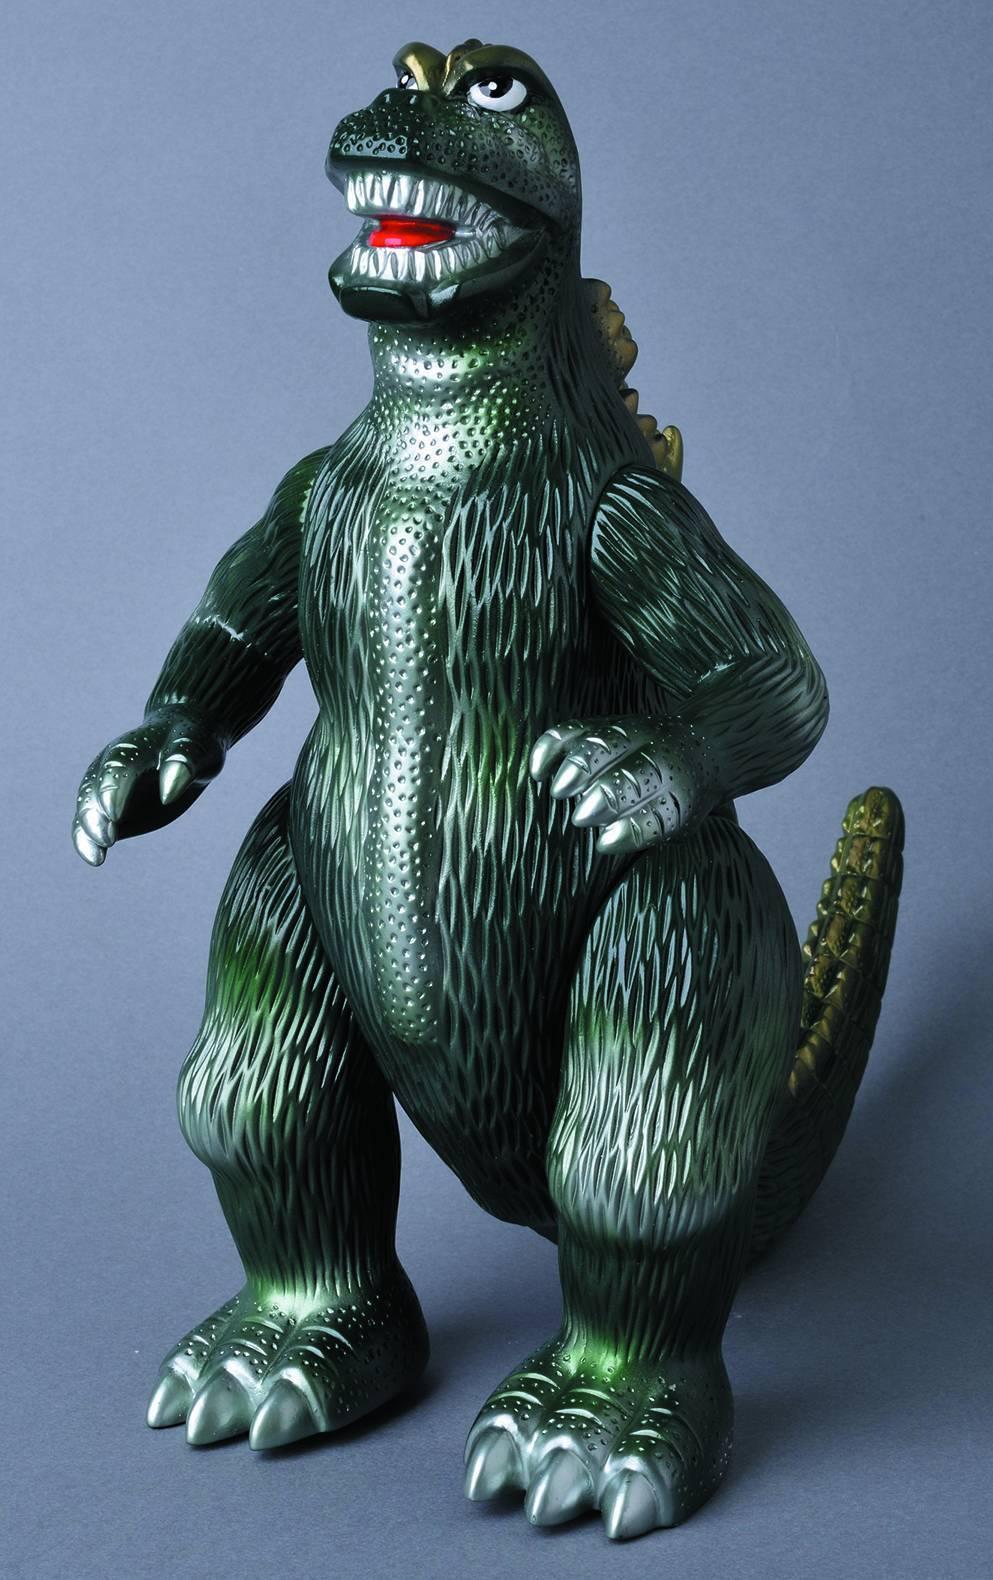 GVW PX Godzilla 1968 Sofubi Figure by MEDICOM